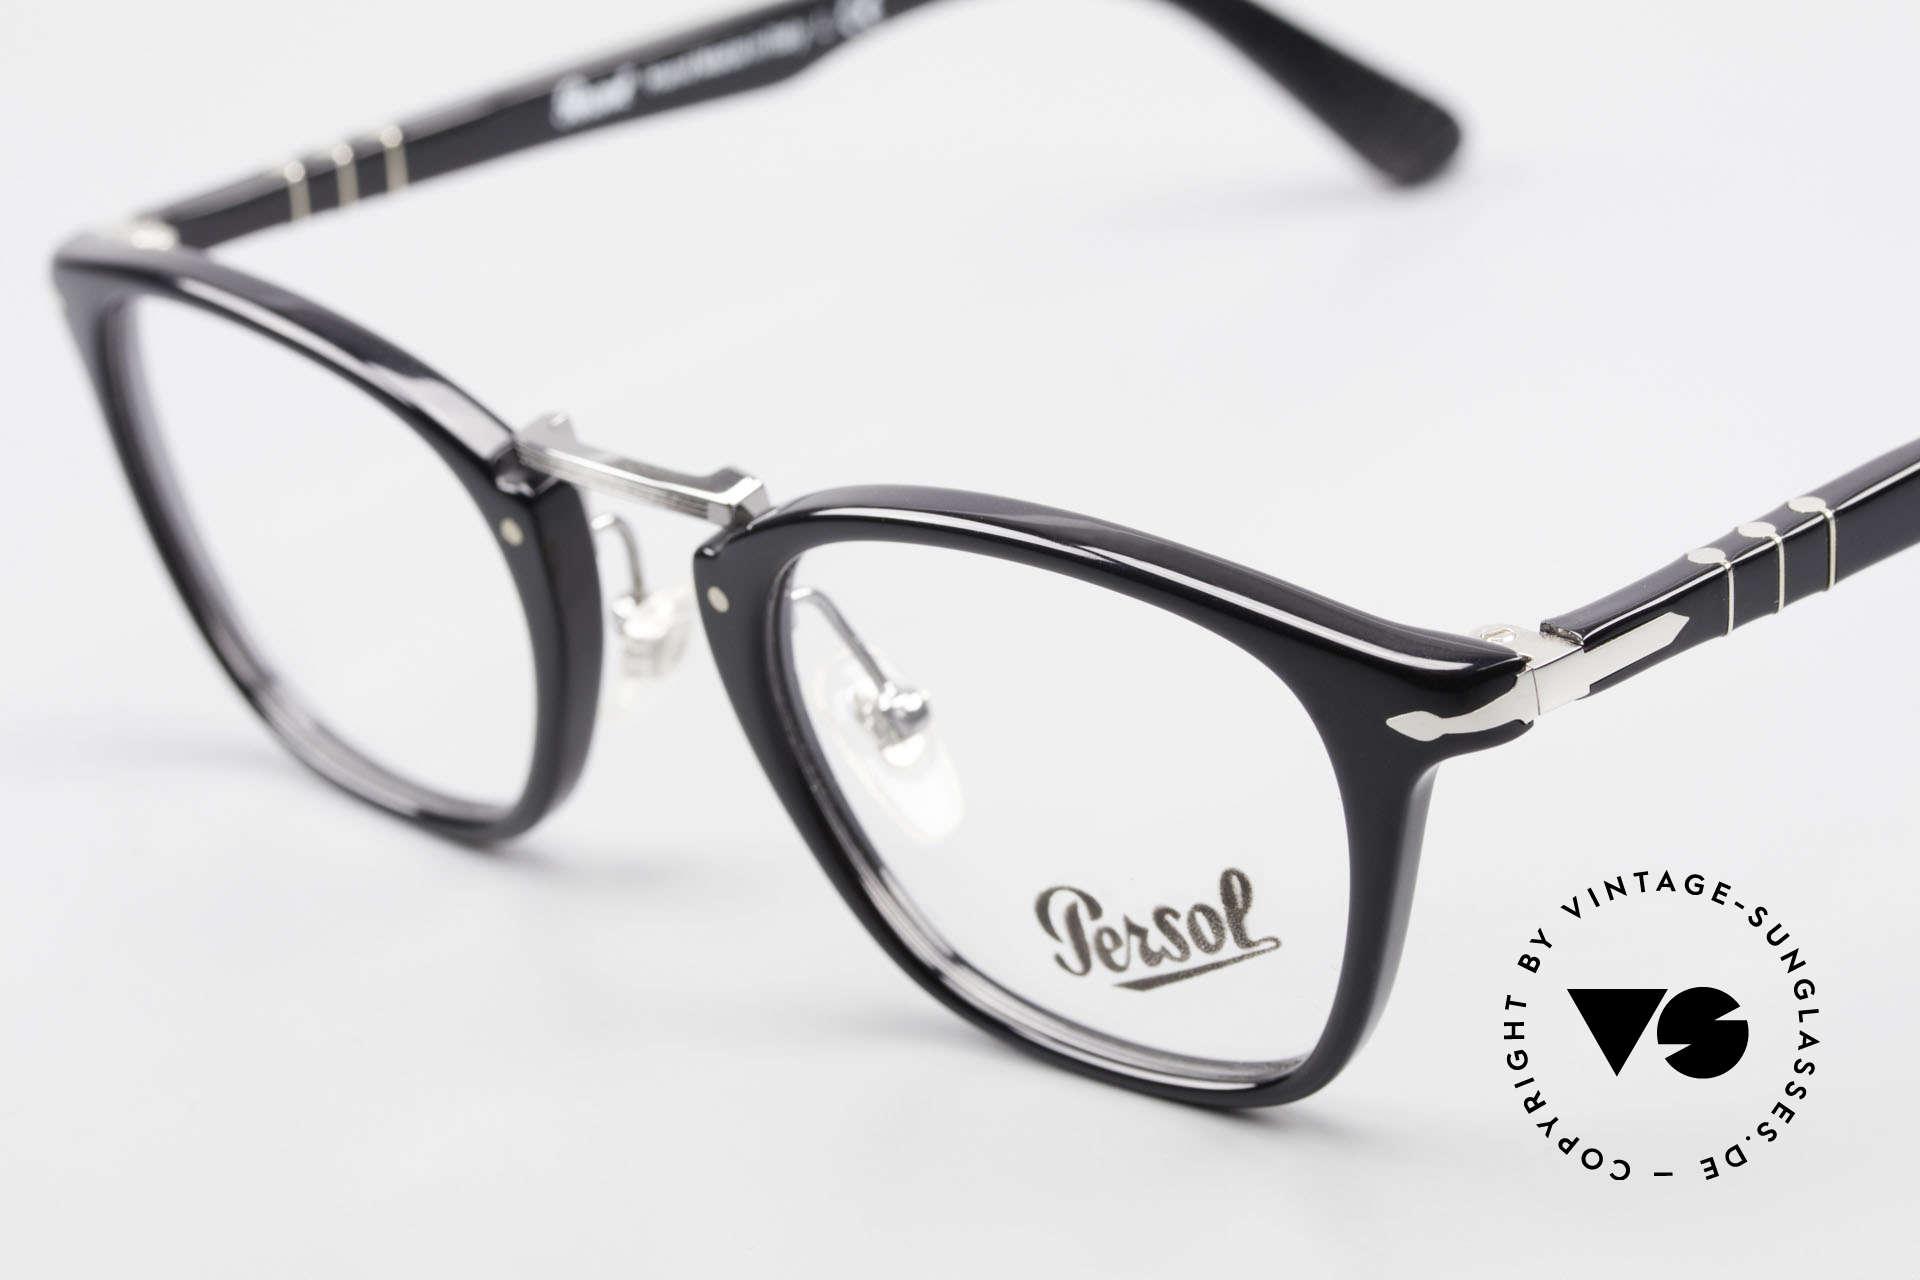 Persol 3109 Typewriter Edition Fassung, ungetragen (wie alle unsere Persol vintage Brillen), Passend für Herren und Damen